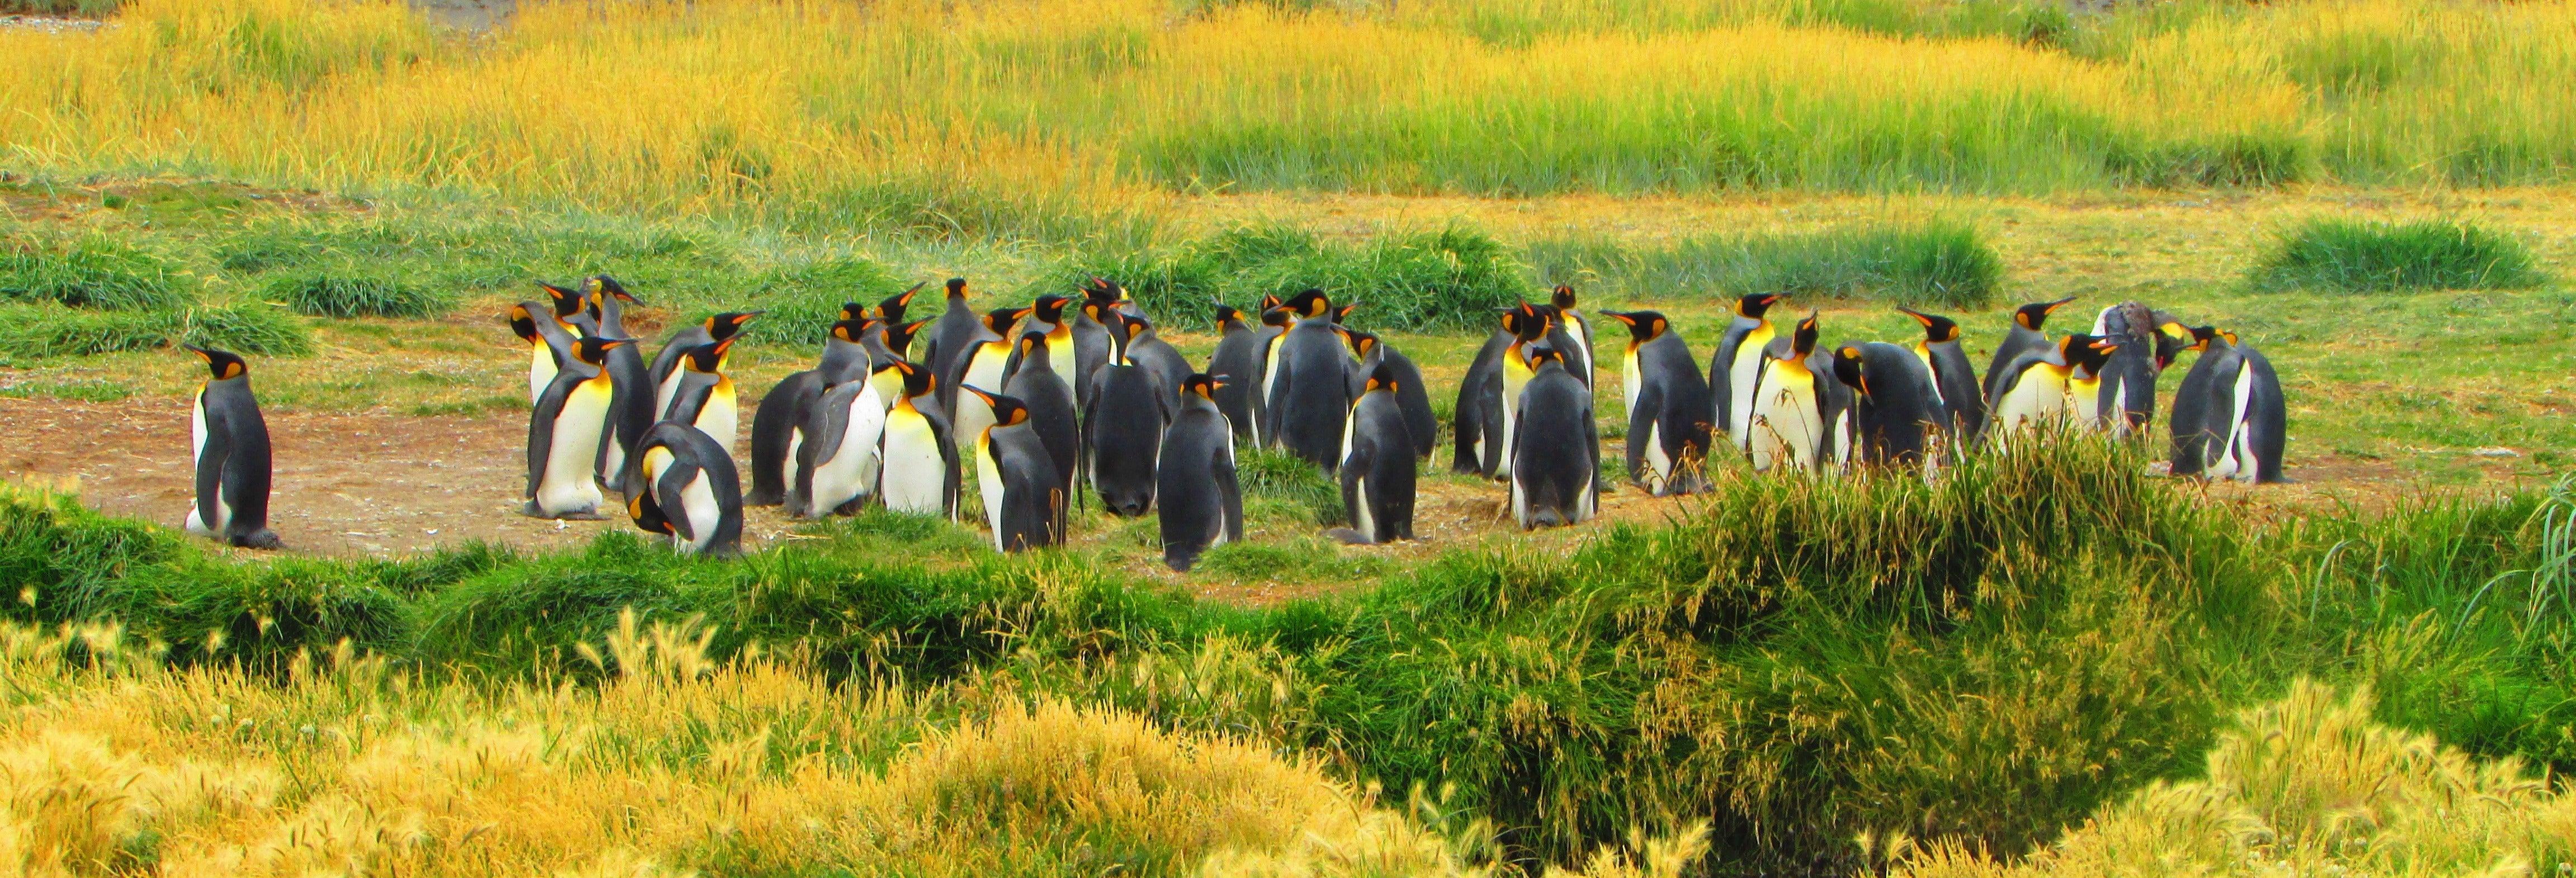 Excursión a la isla Tierra del Fuego